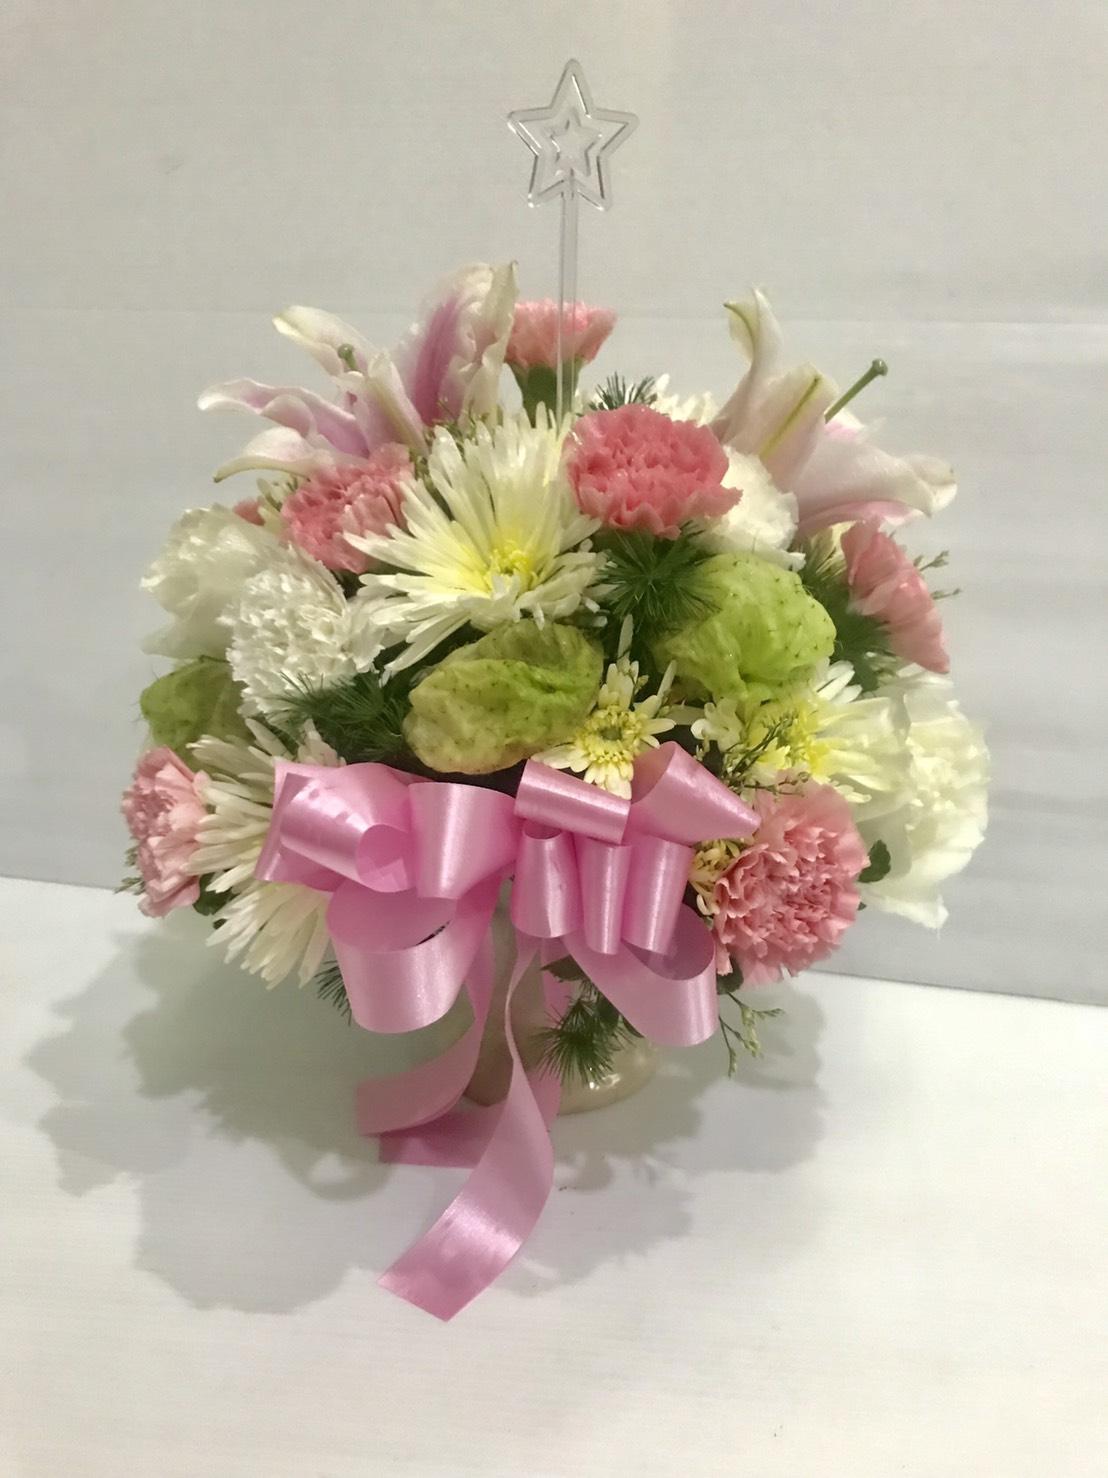 แจกันดอกไม้น่ารัก ๆ เน้นความหวานด้วยโทนสีชมพู เหมาะสำหรับคุณผู้หญิงค่ะ